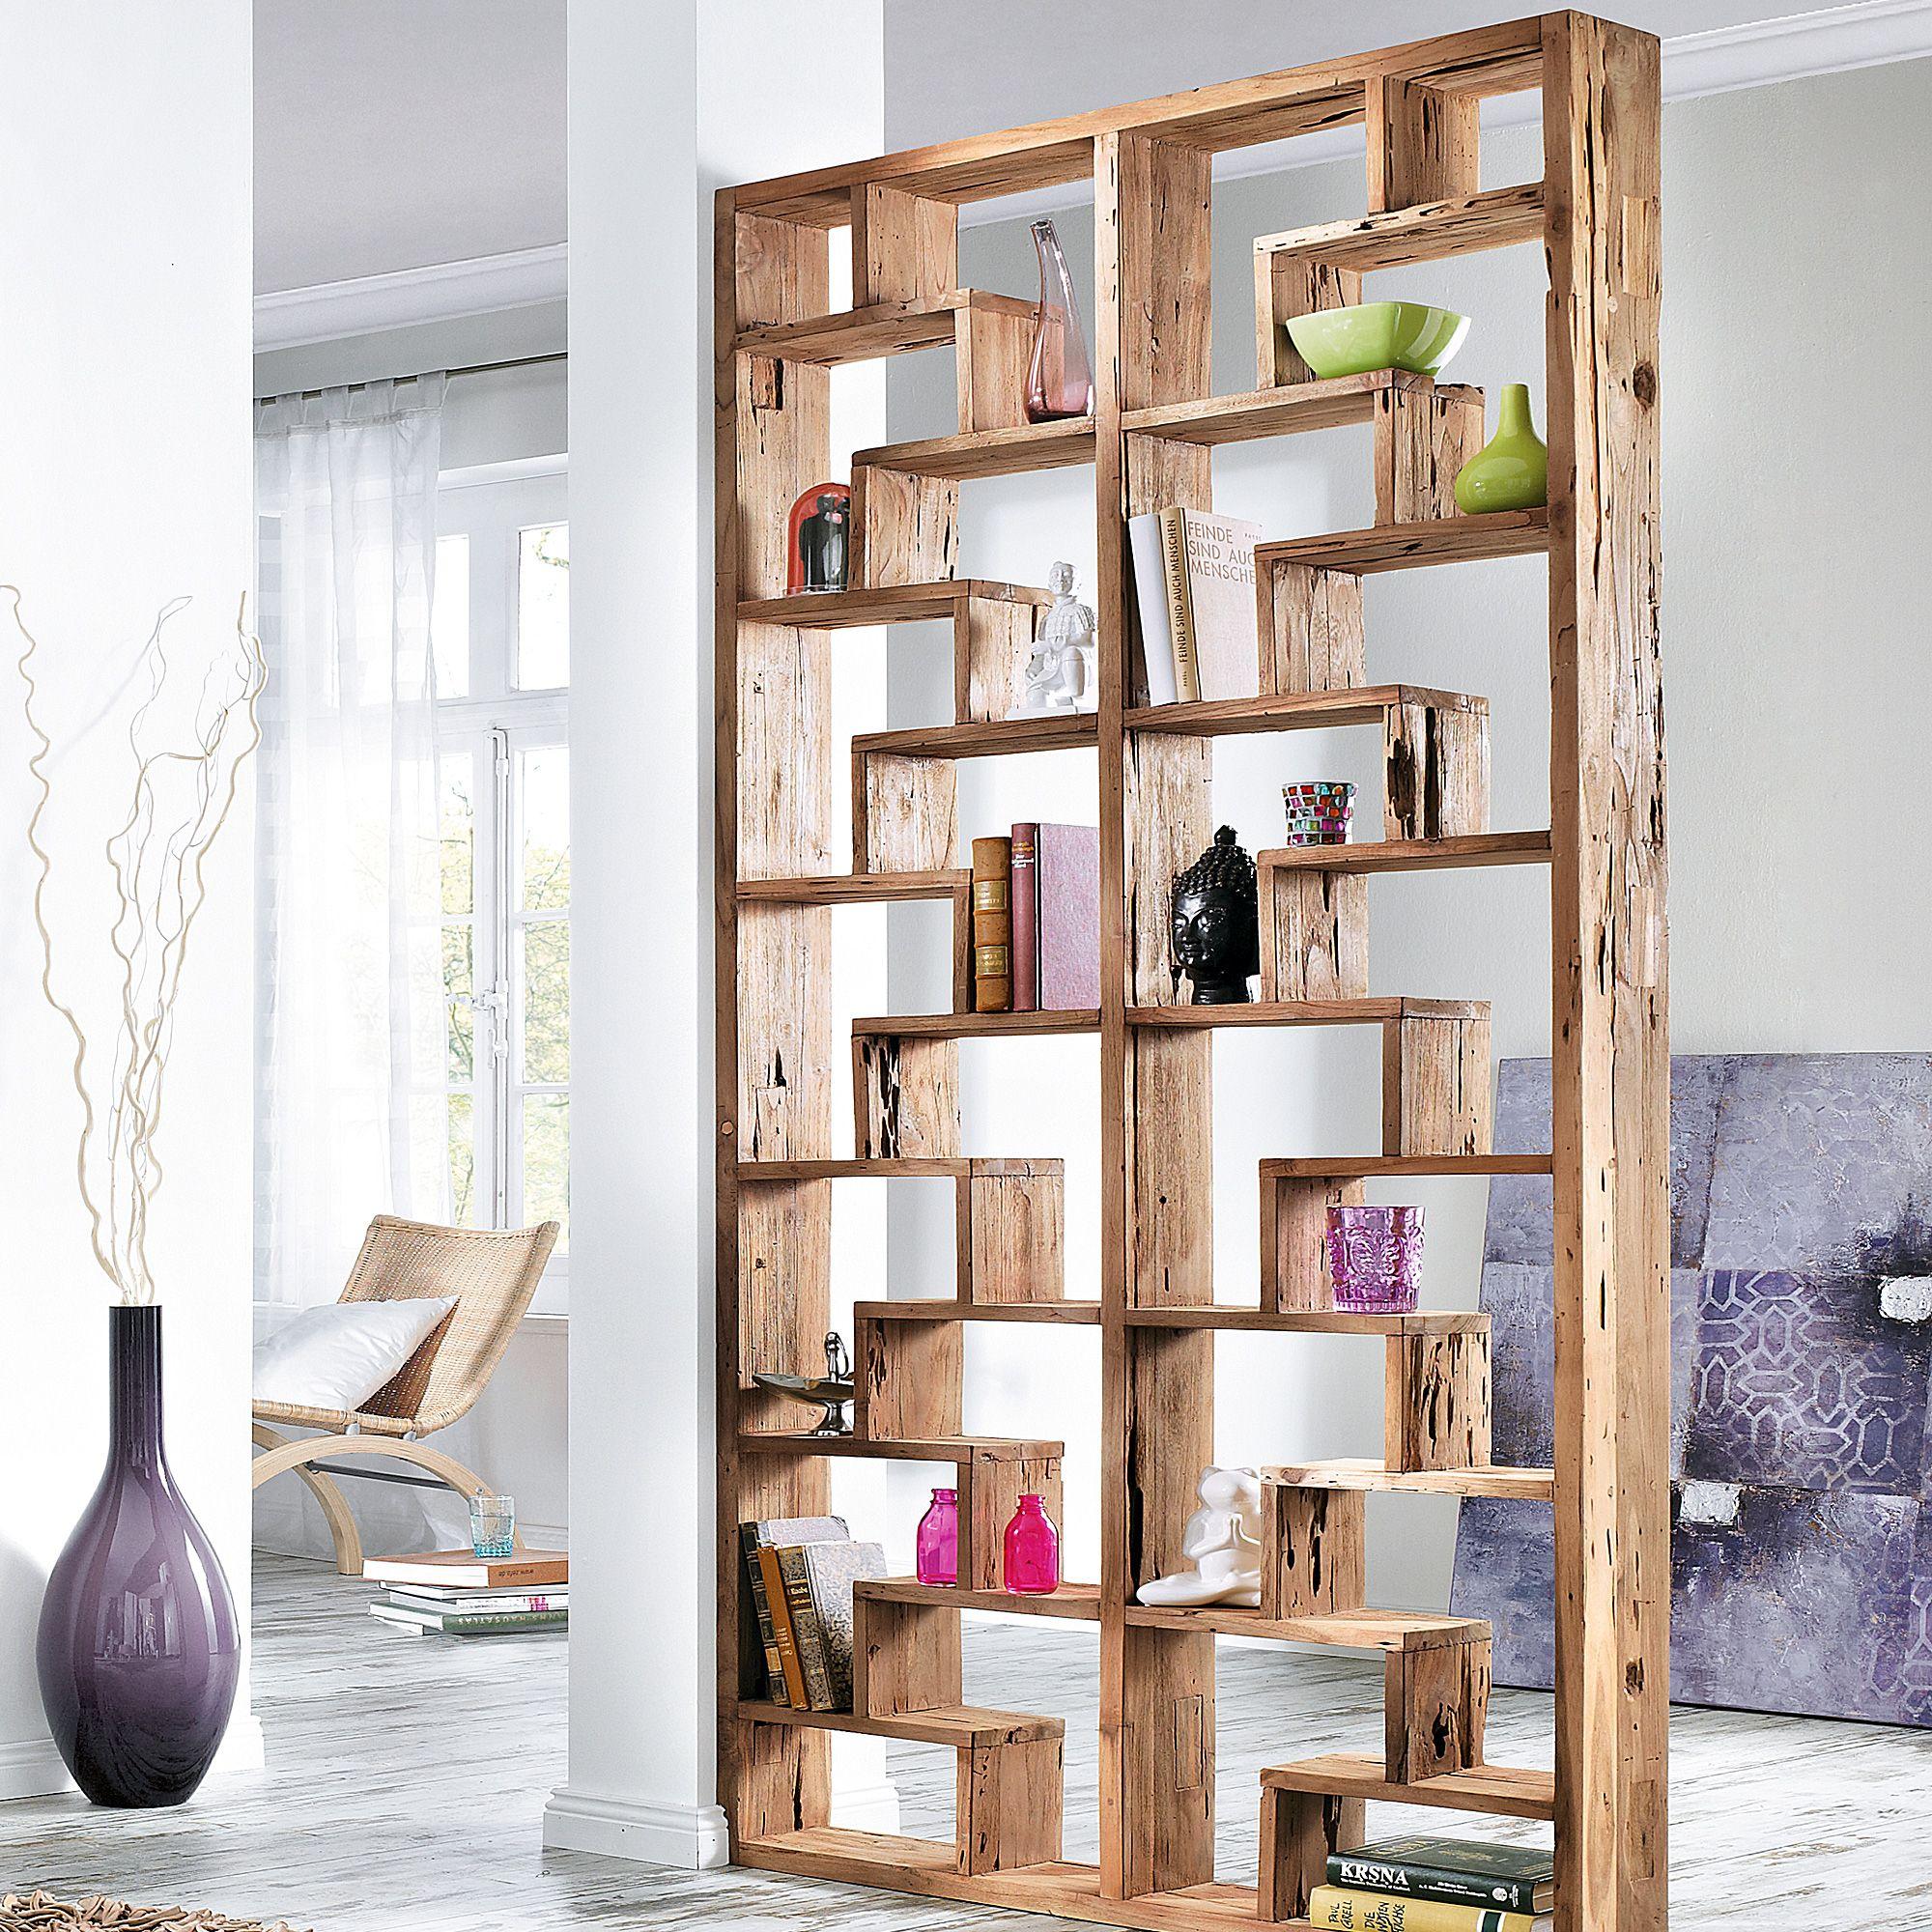 Raumteiler  Raumteiler regal wohnzimmer, Raumteiler regal, Raumteiler